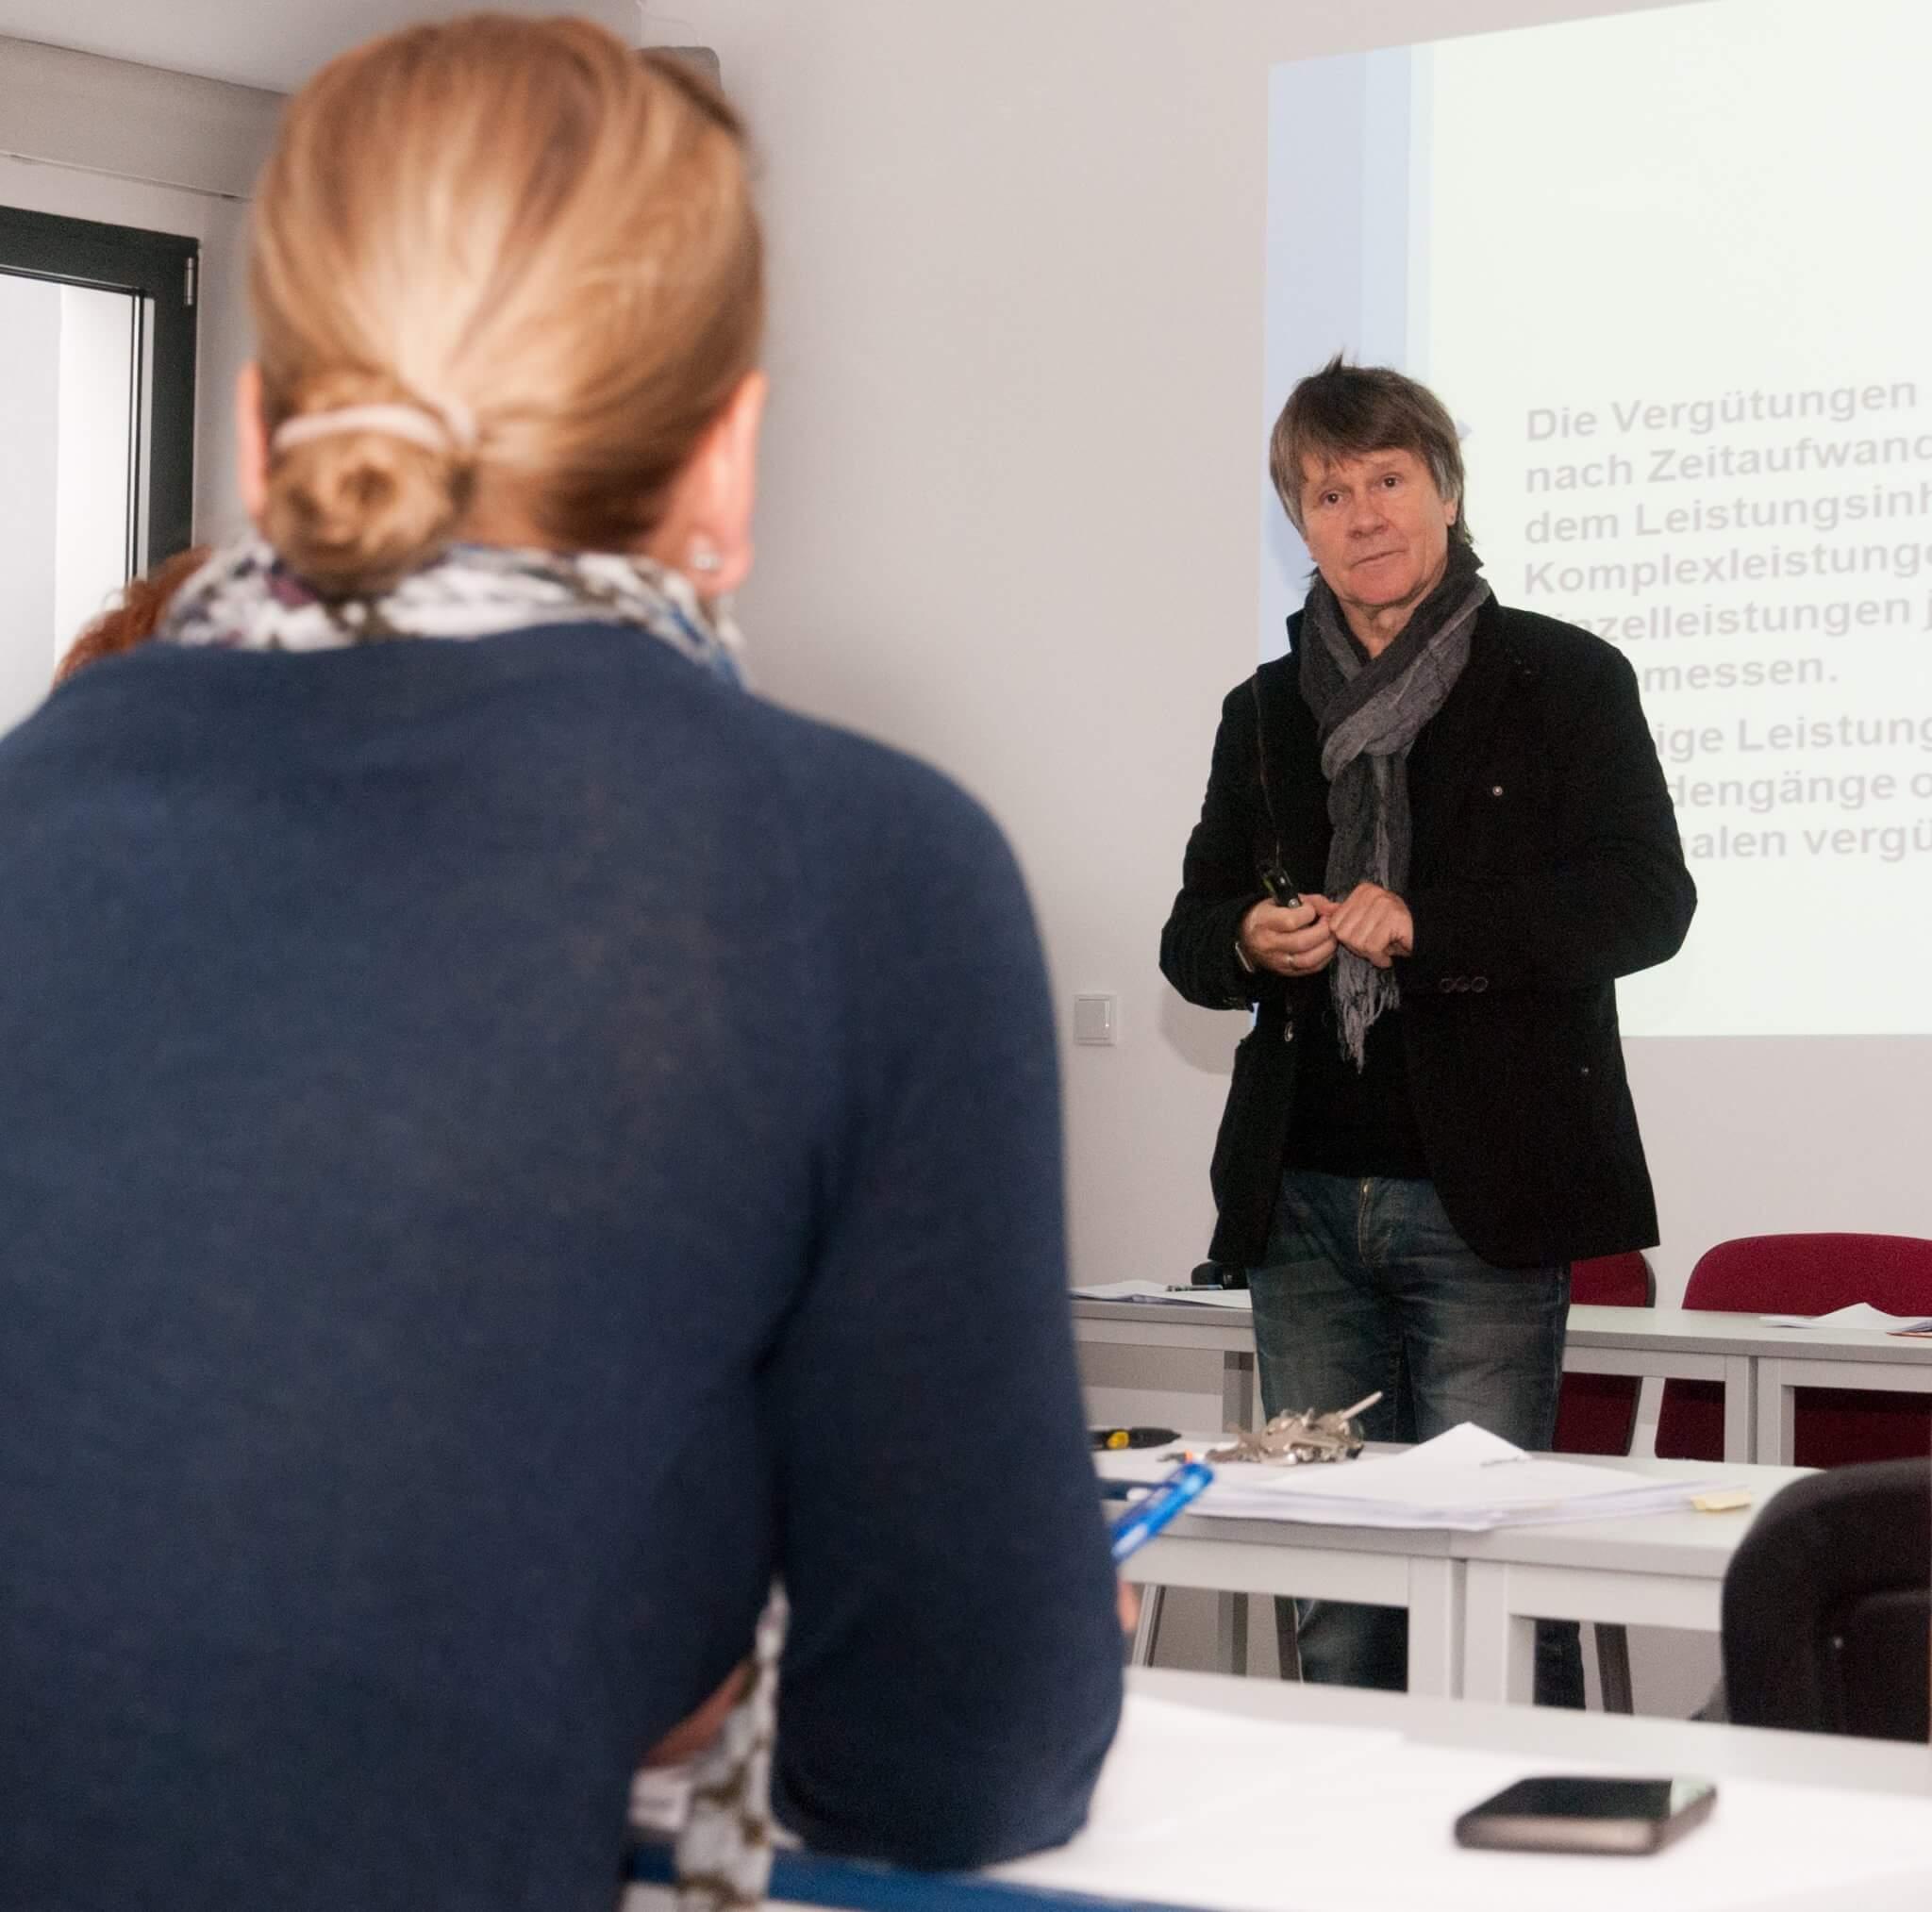 Vortrag zum Pflegeneuerungsgesetzes von Referent und Geschäftsführer Herr Alexander Falkenberg